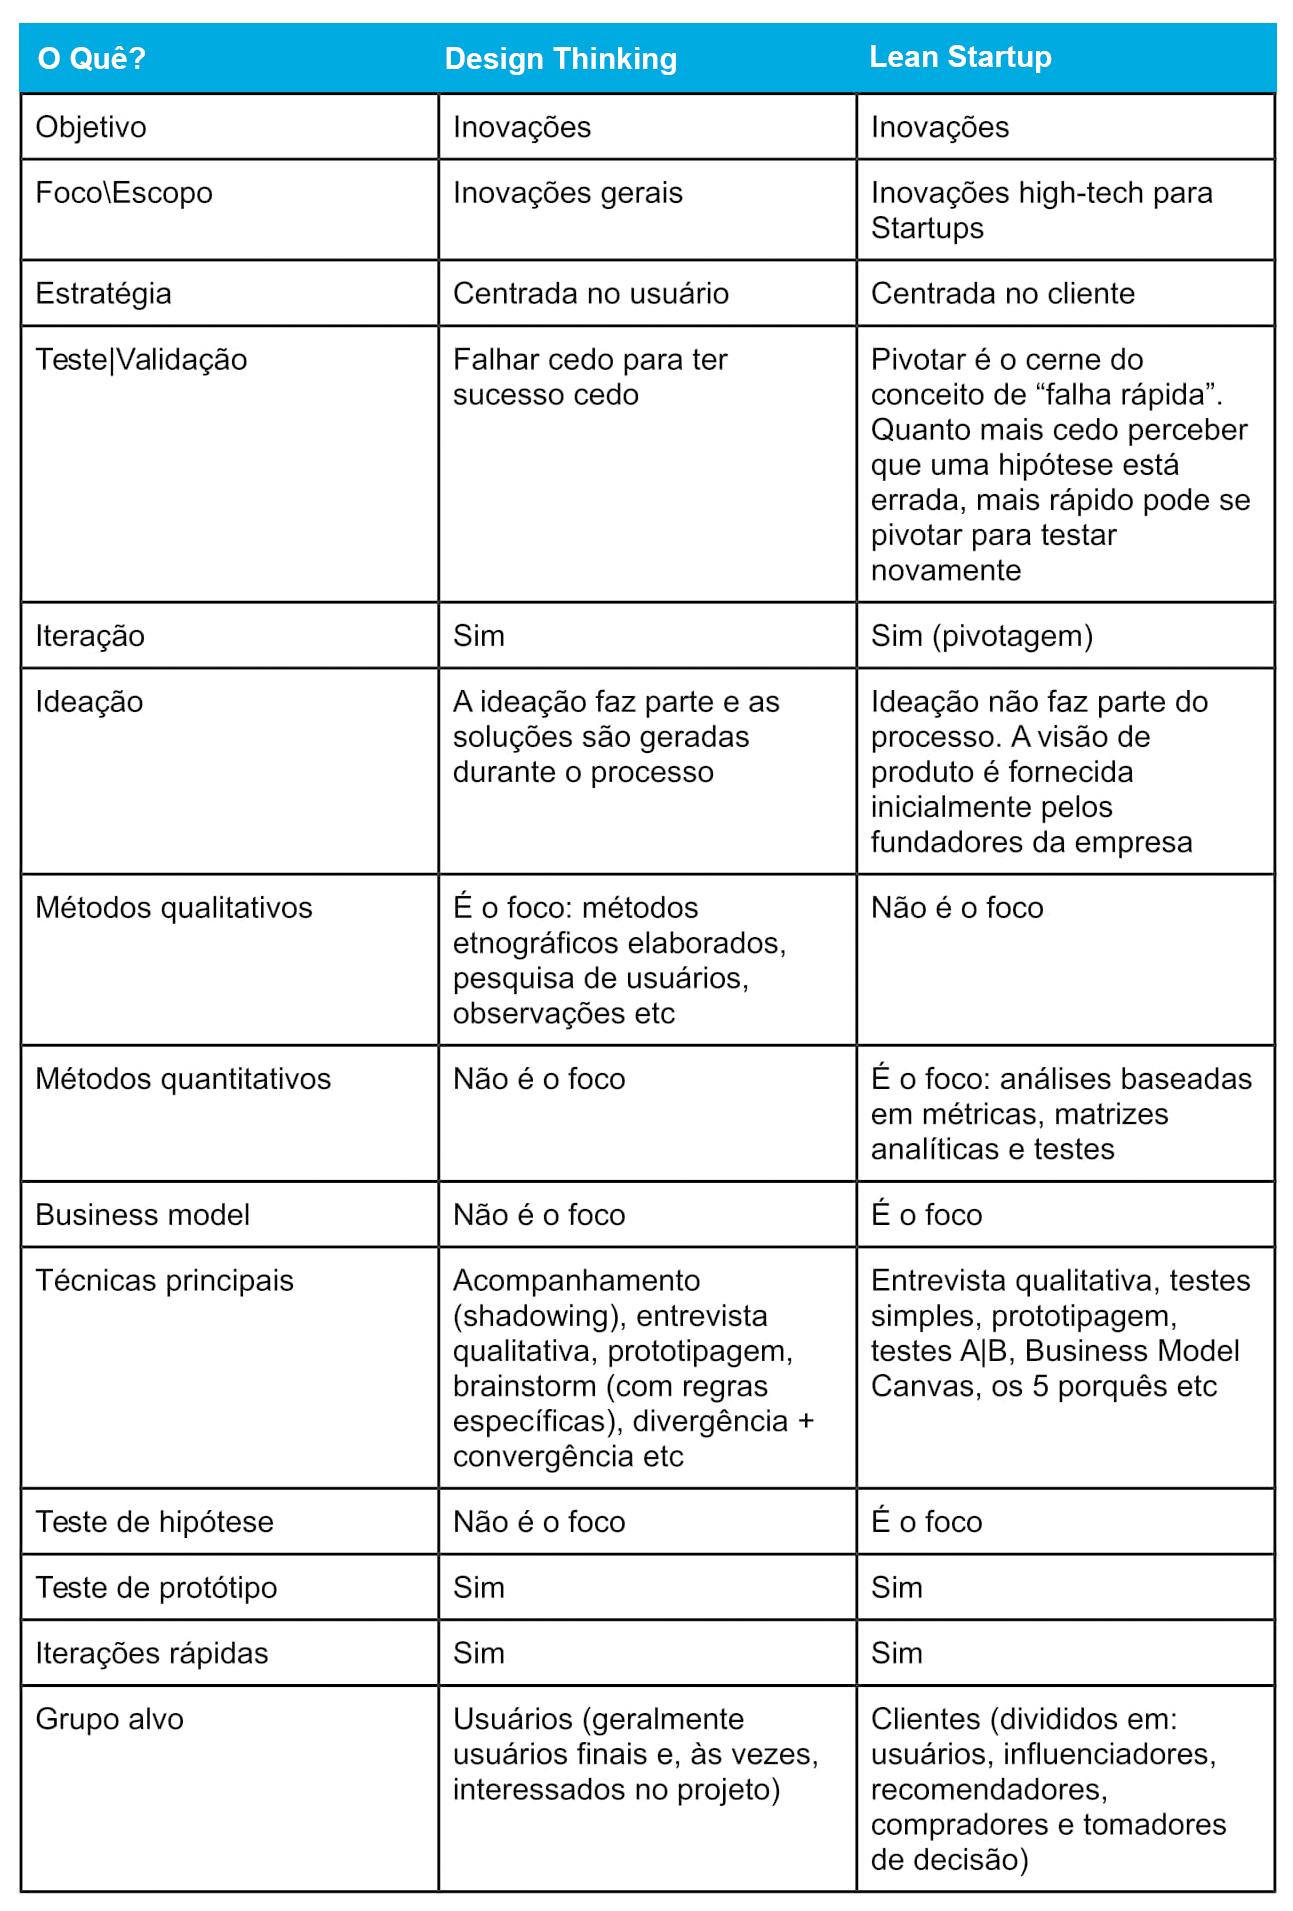 tabela - dt - png.png